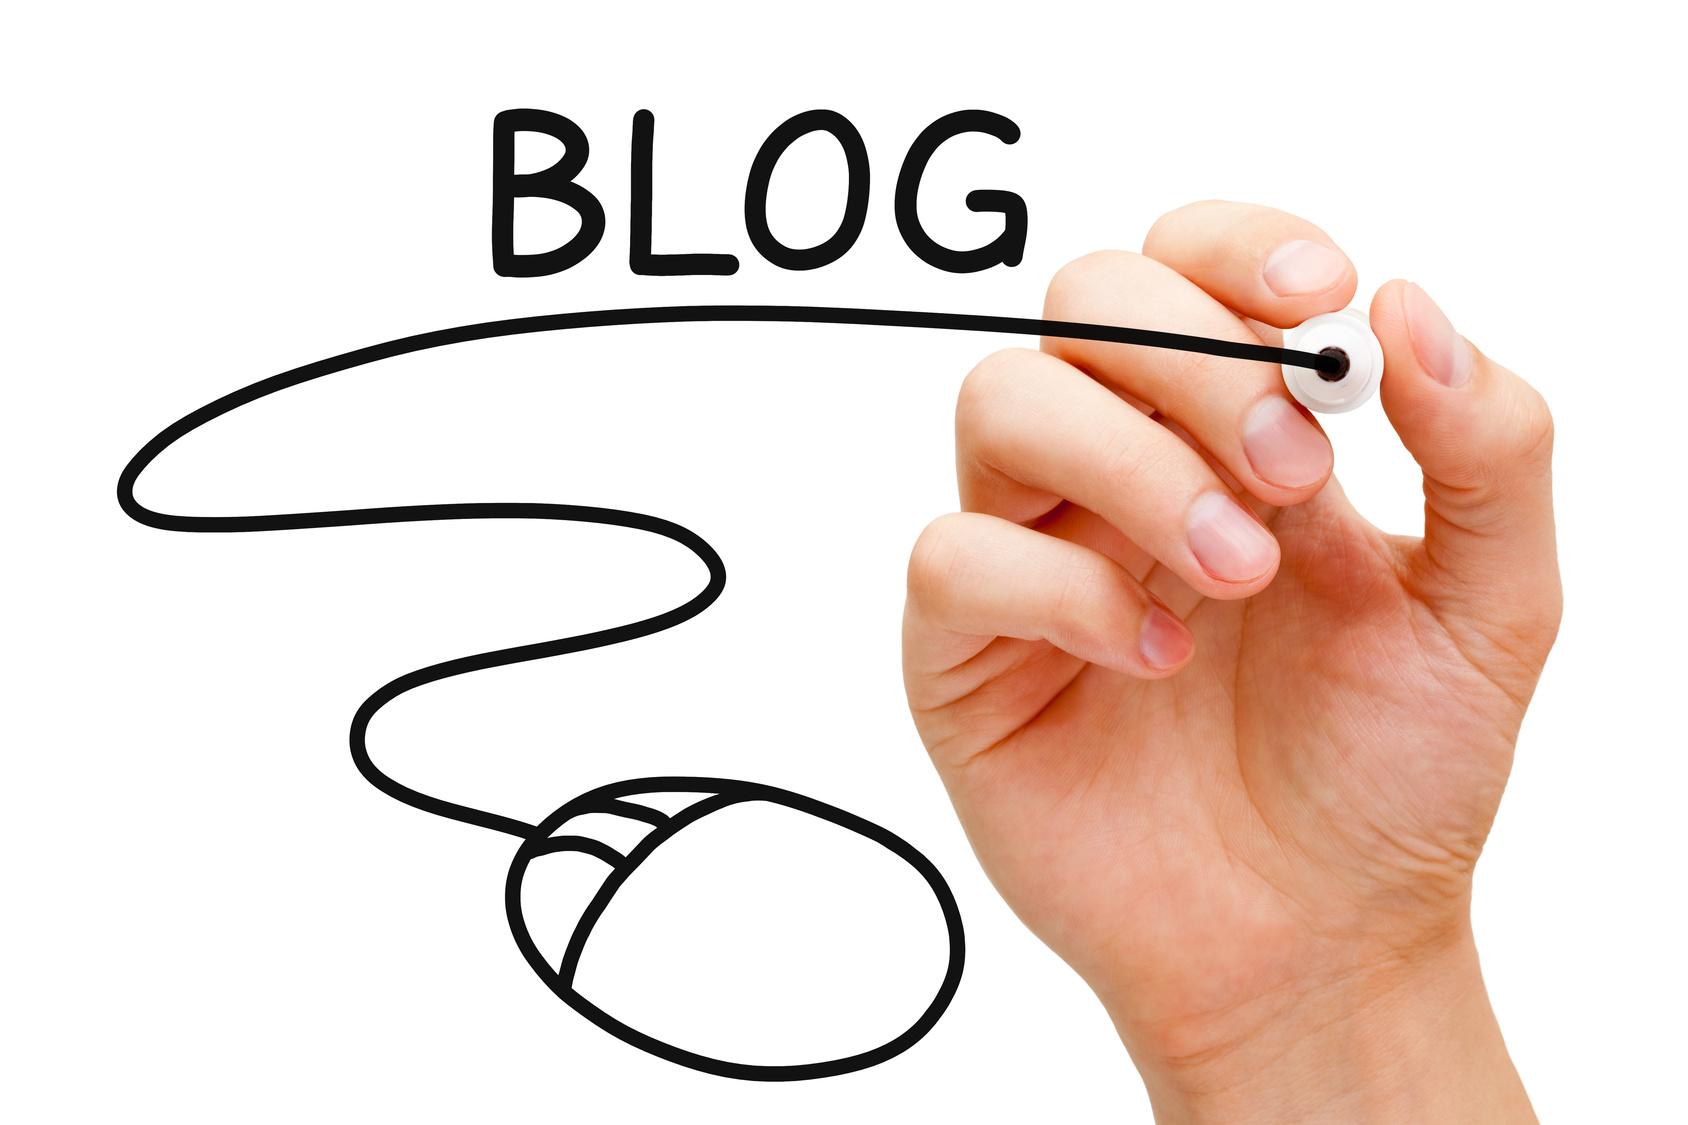 Consigli per diventare buoni blogger